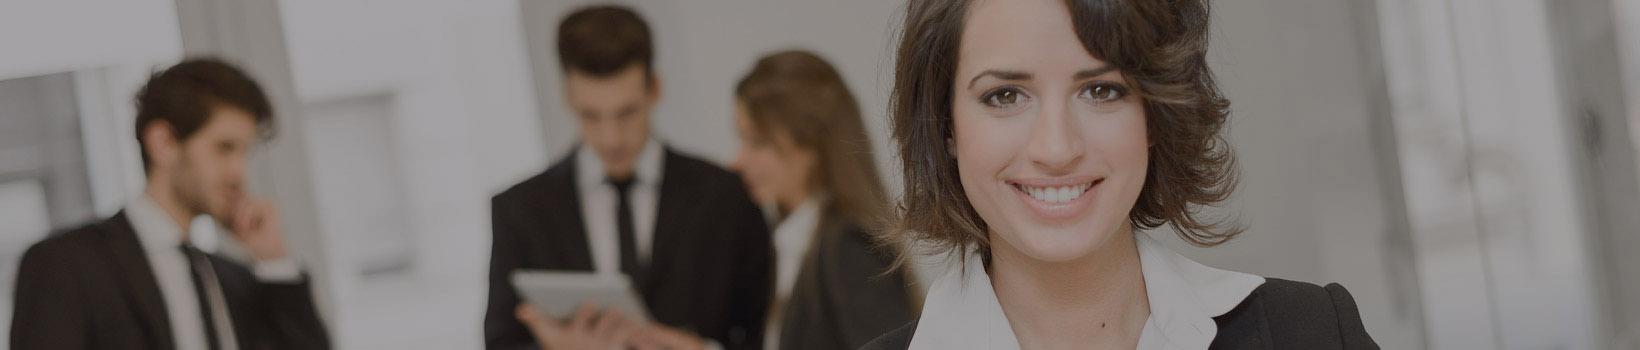 Imagen de cabecera para la sección de Trabajo de la web de Pradera González Procuradores